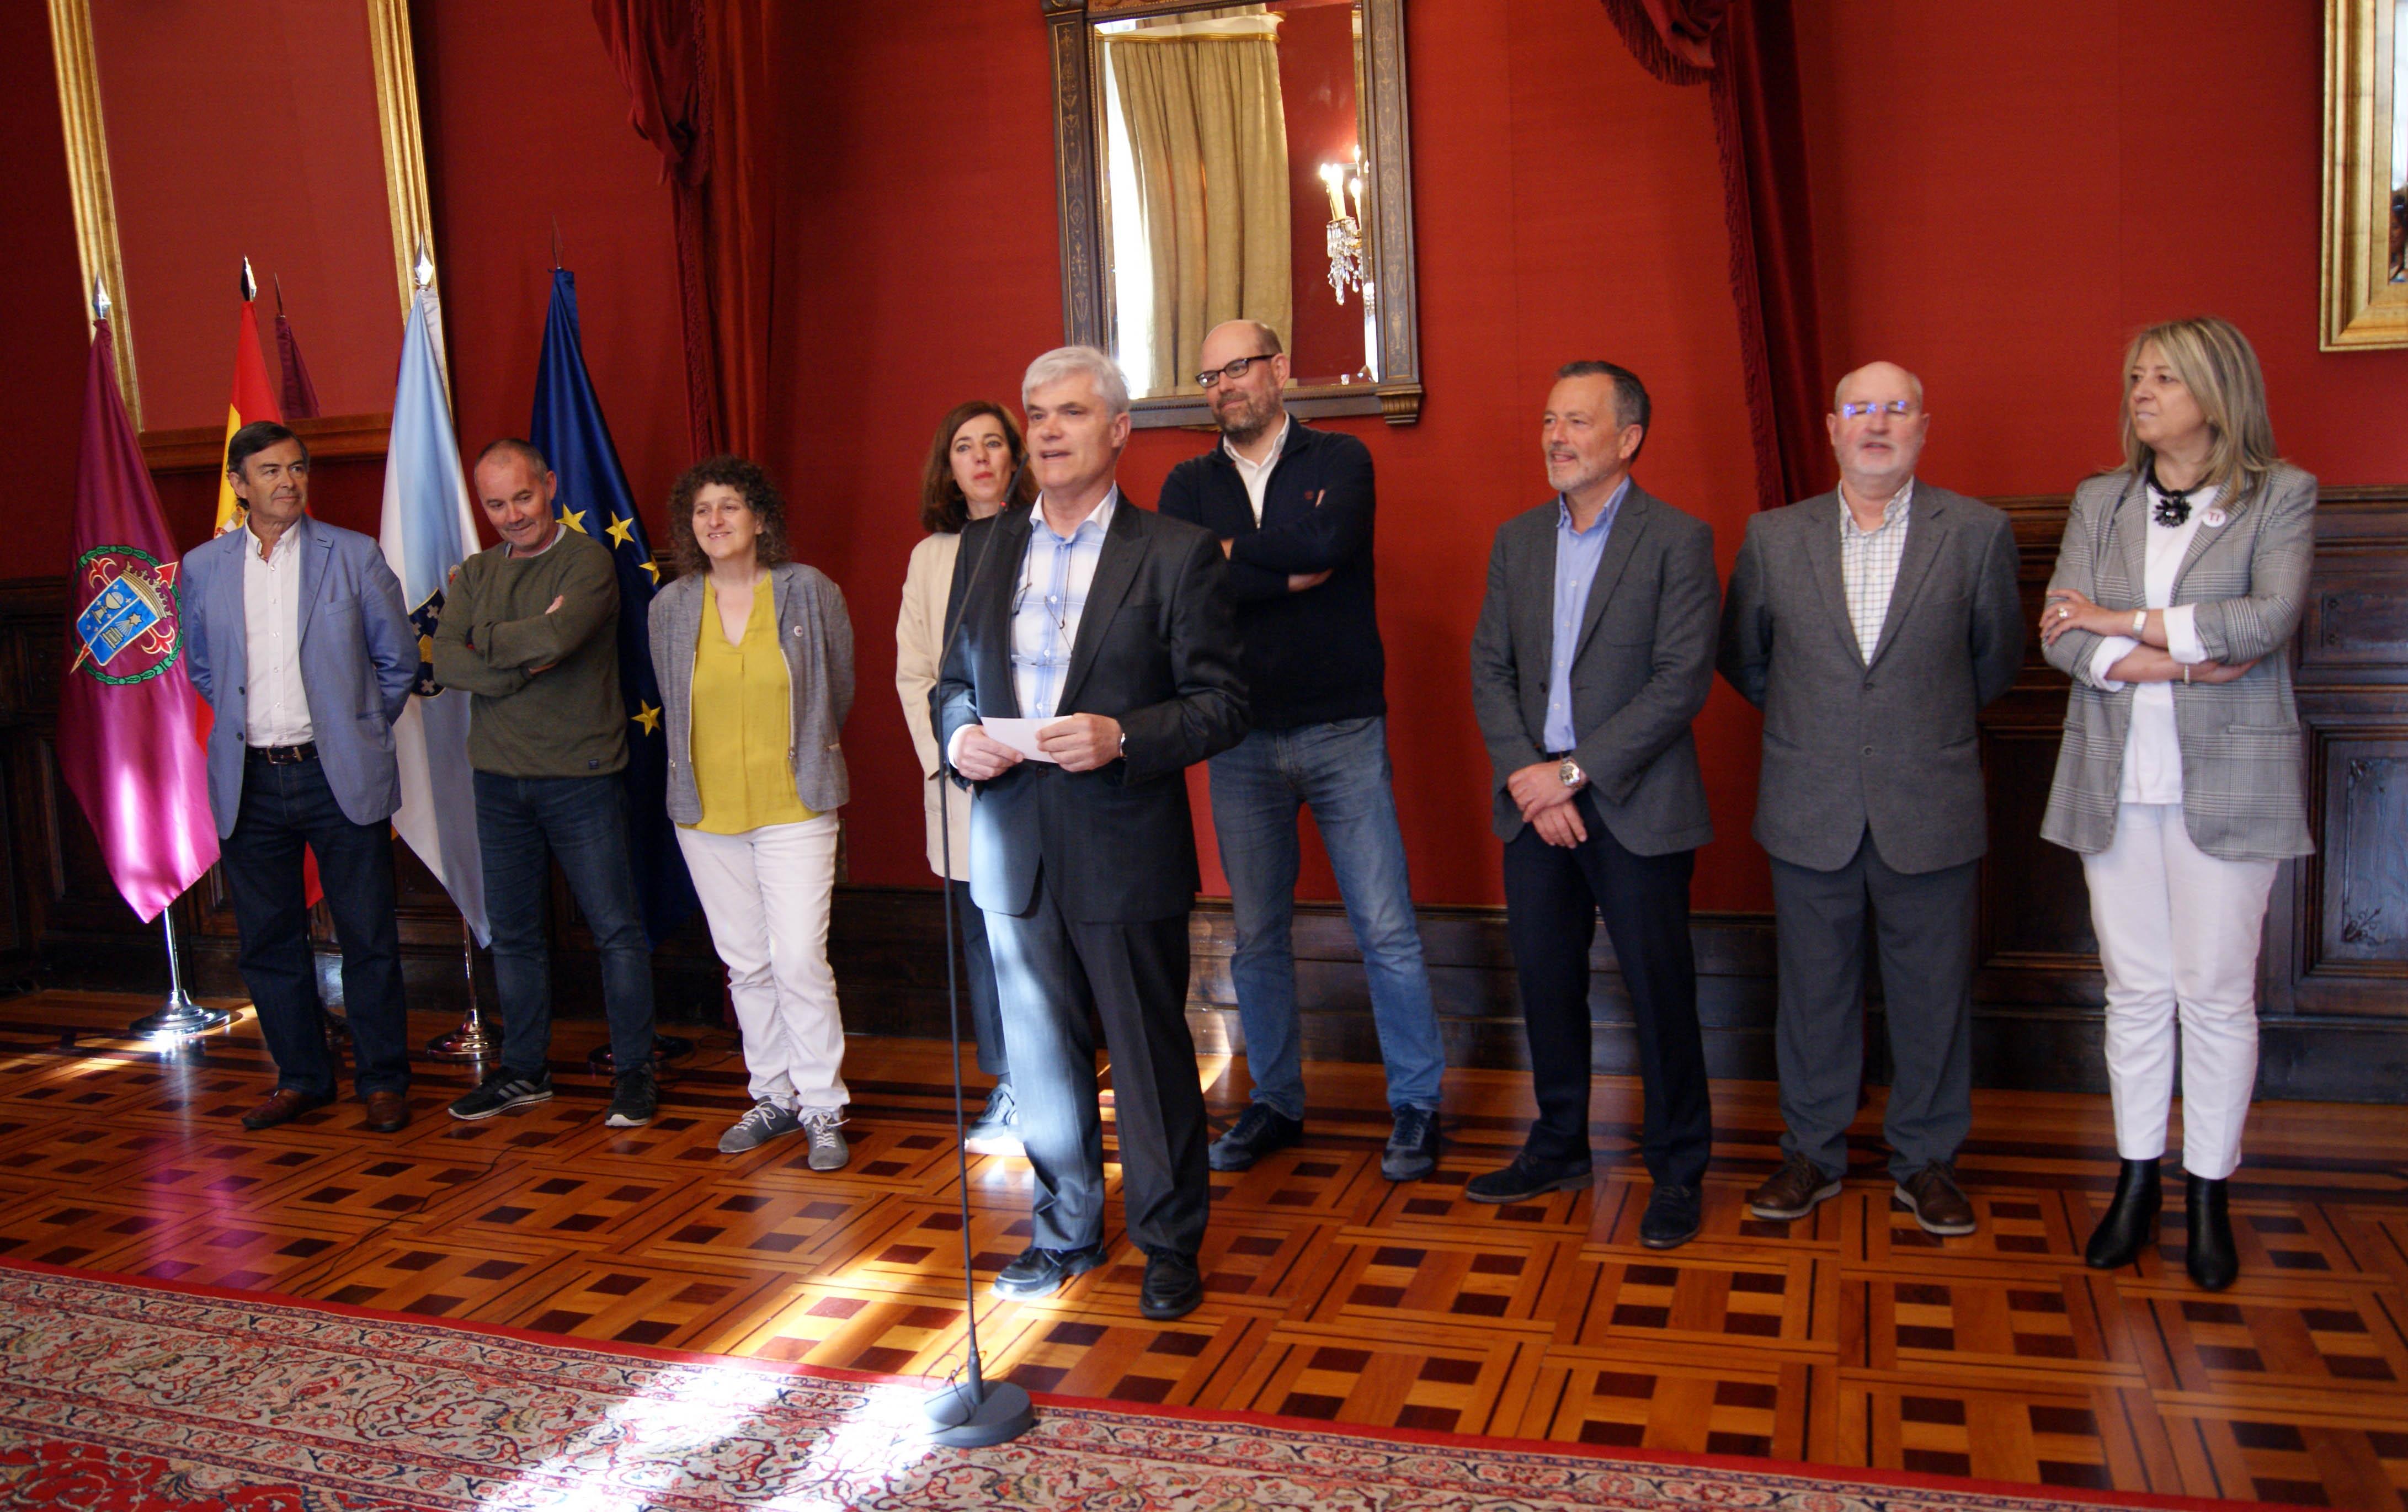 O secretario municipal, José Ramón Alonso, tamén dirixiu unhas palabras aos/ás empregados/as presentes.